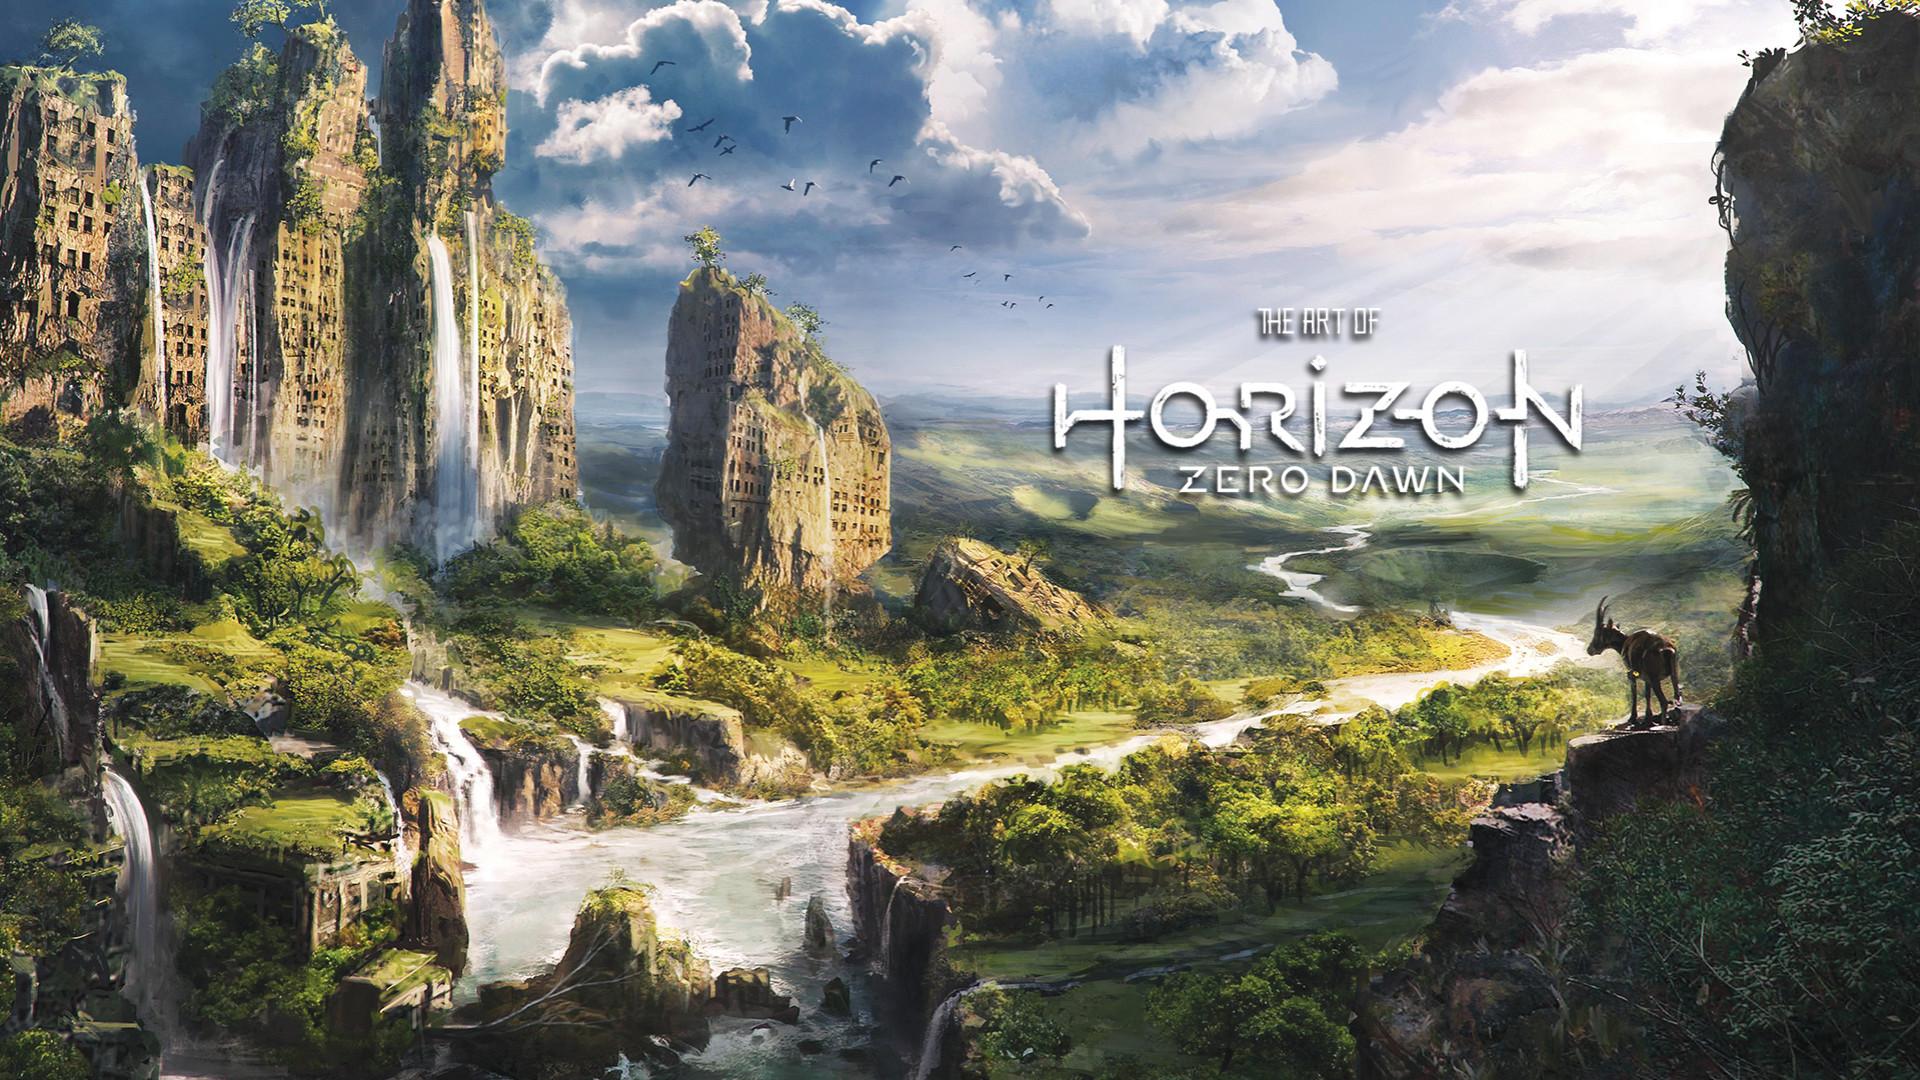 The Art Of Horizon Zero Dawn Art Of Horizon Zero Dawn